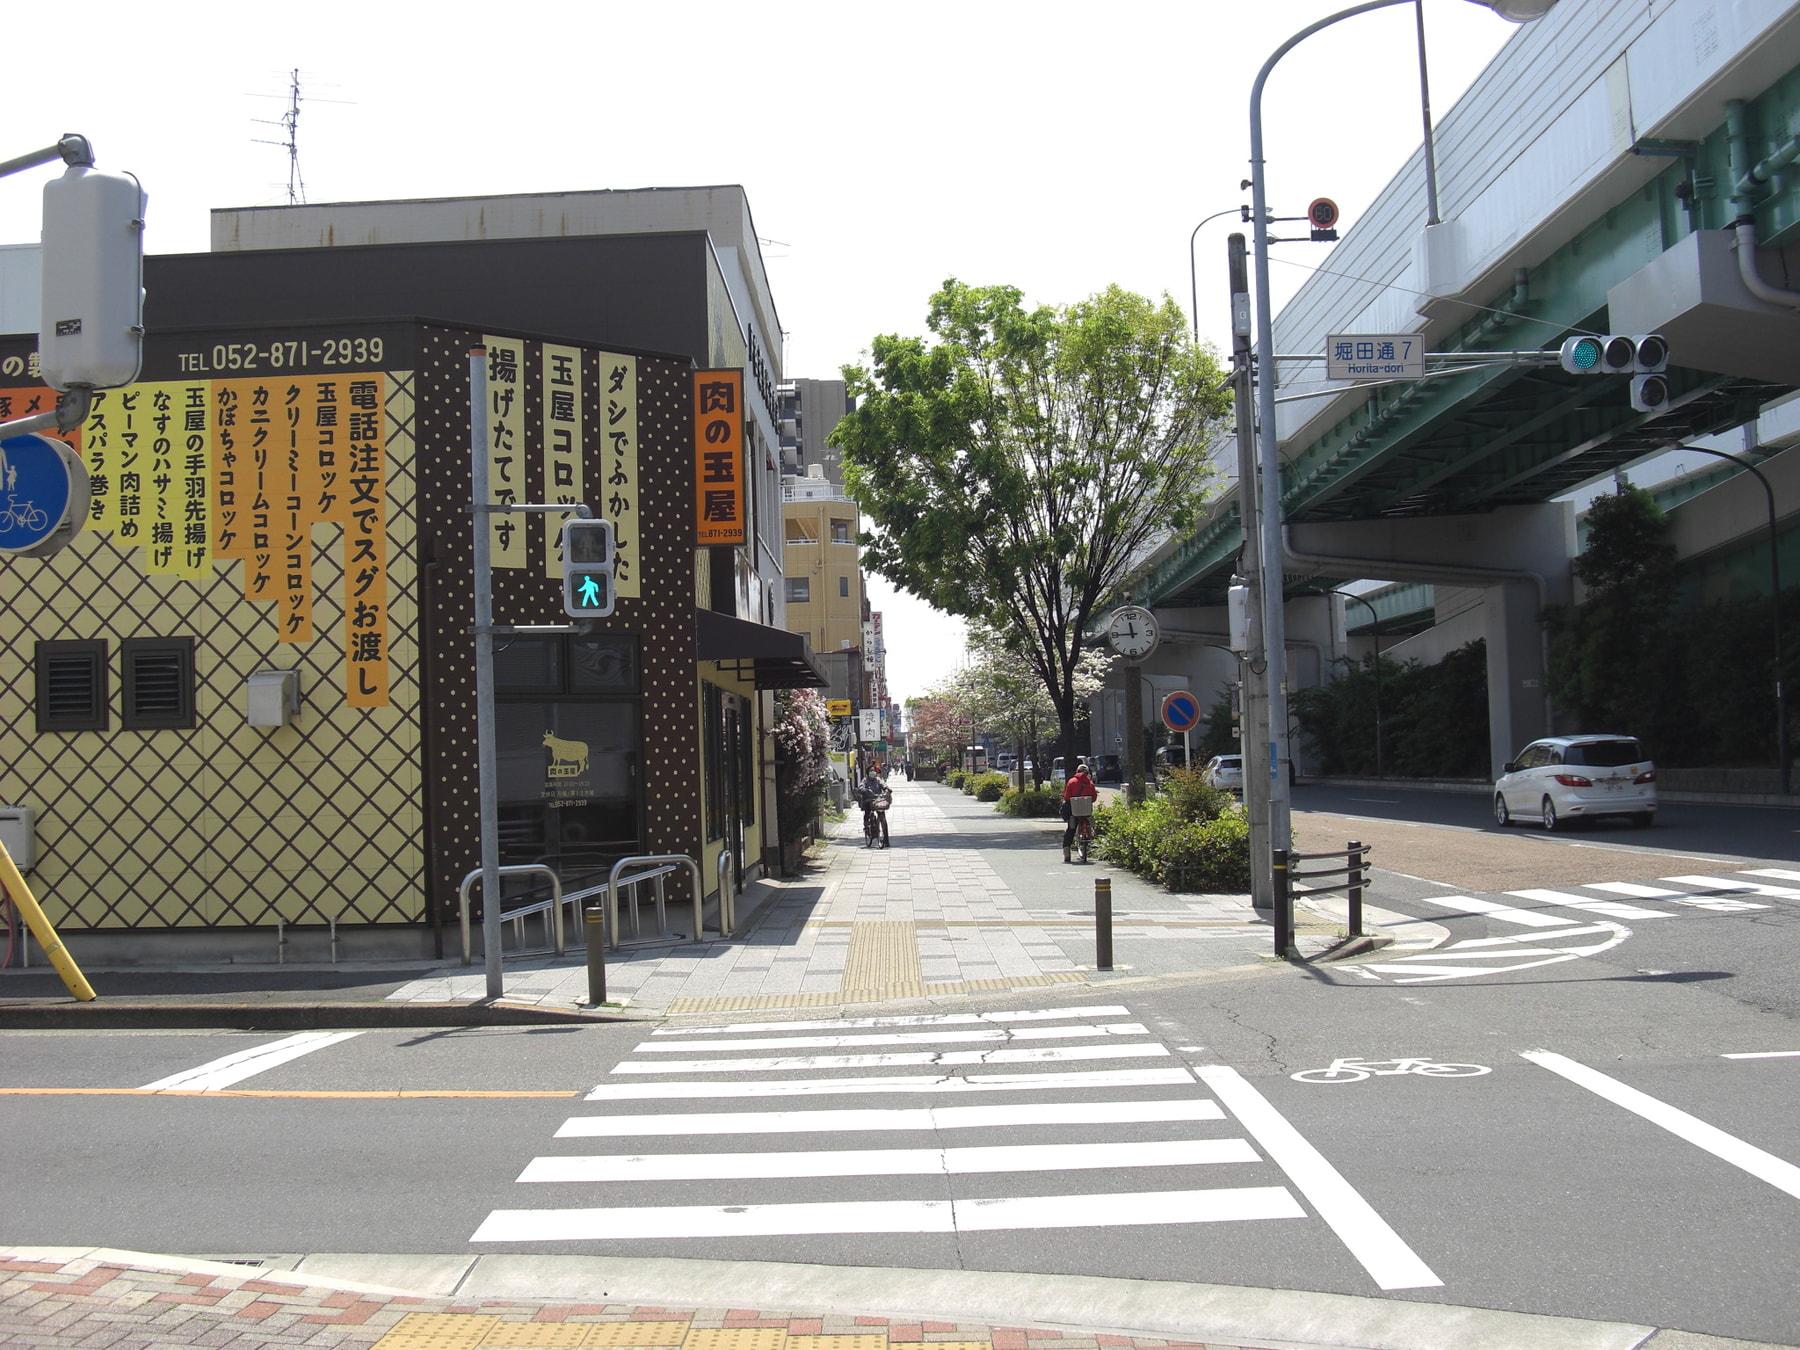 「牛巻」の交差点方向から堀田駅へ向かって当塾側の歩道を歩いてくるときの街の様子です。